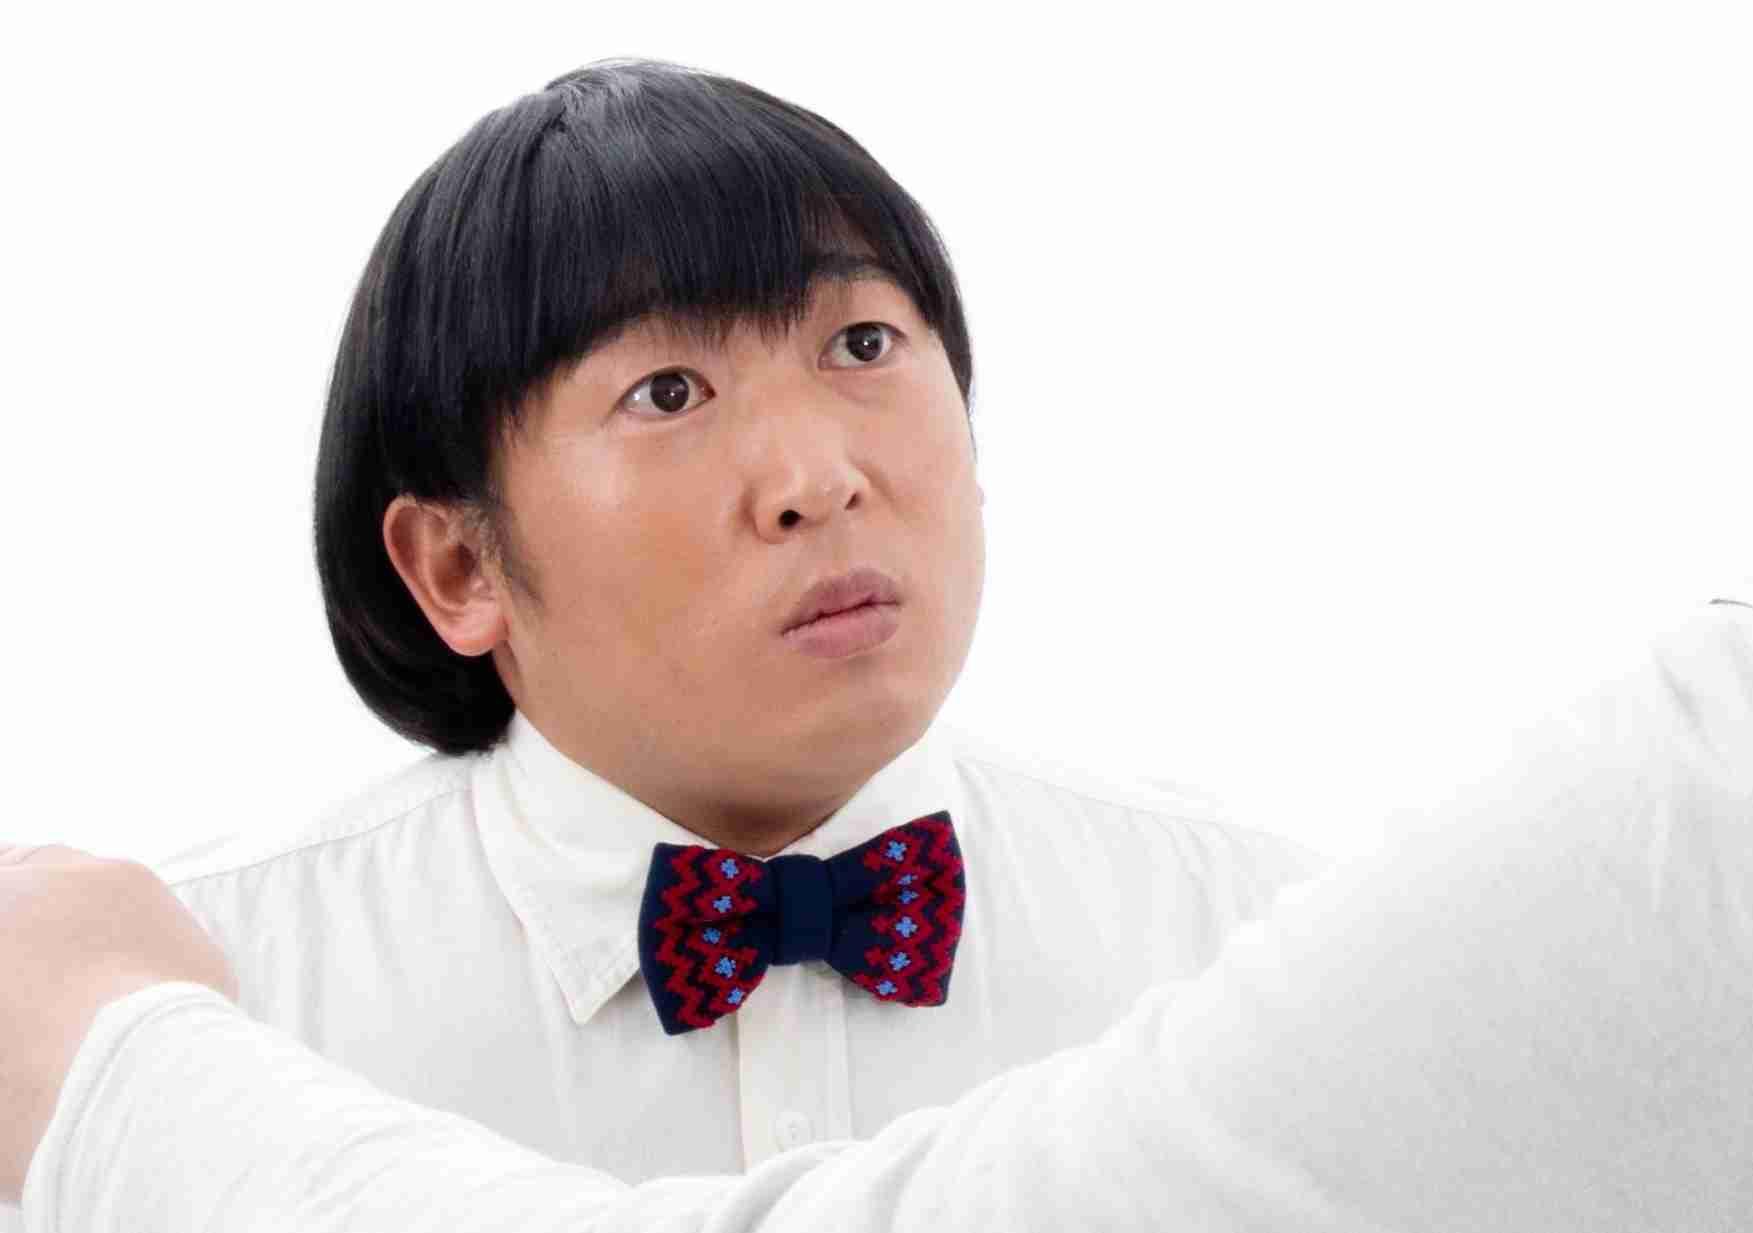 ロバート、AbemaTV初の子ども向け番組に挑戦 秋山竜次「楽しくて仕方がない」